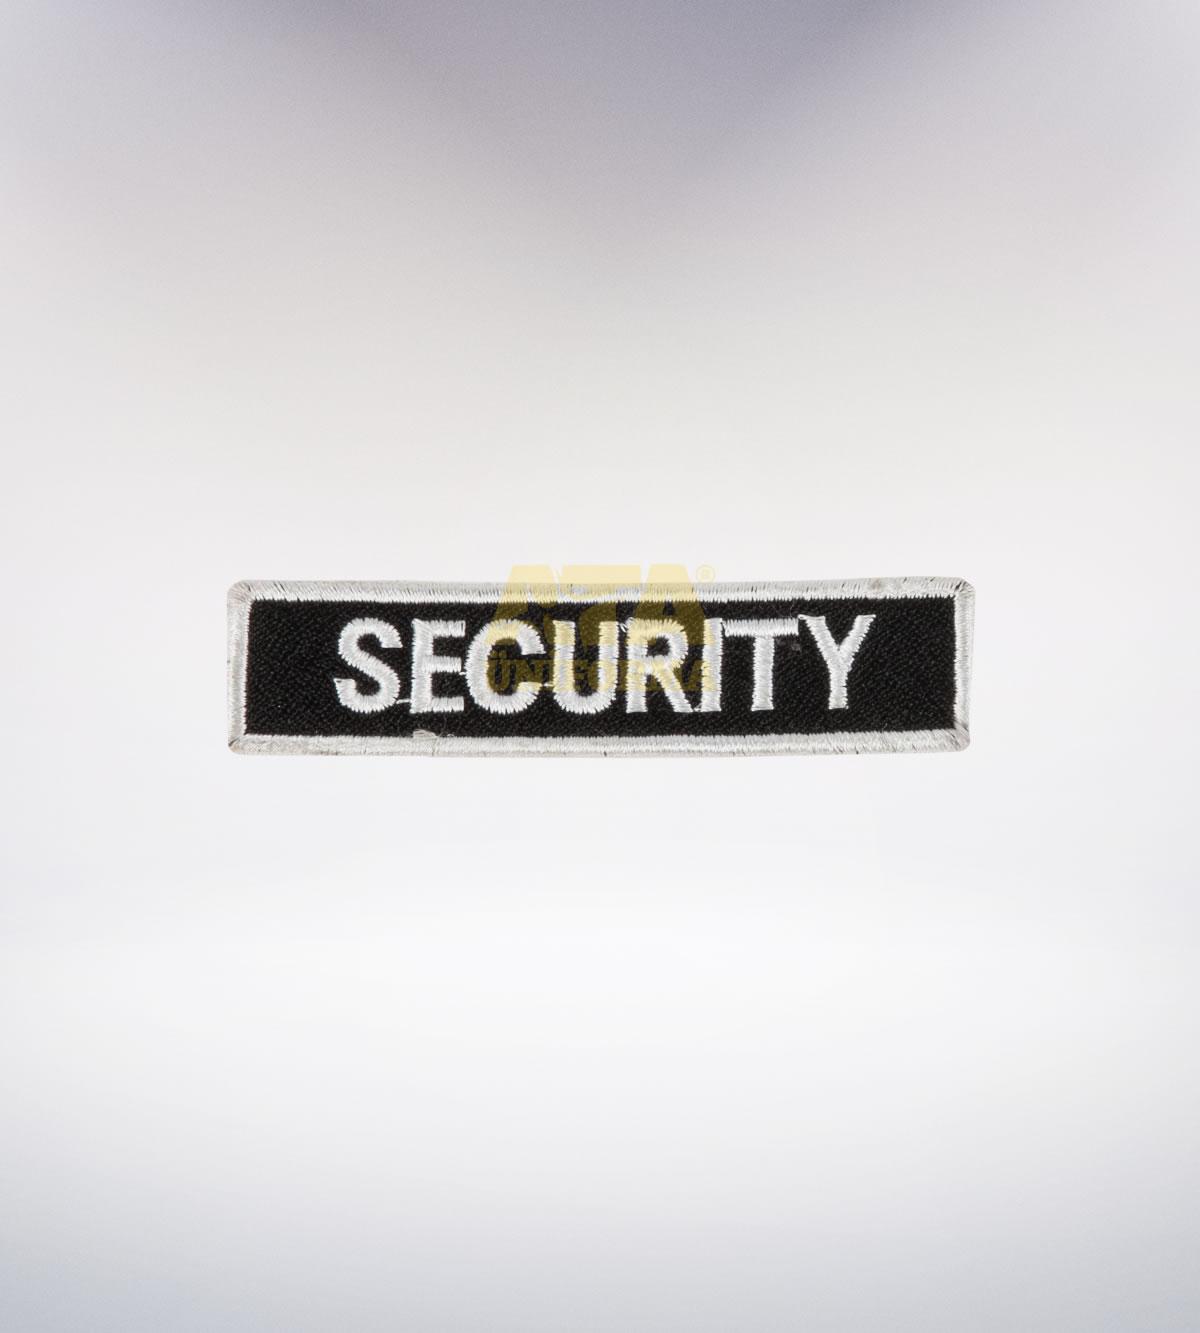 ATA-1053 Özel güvenlik nakışlı arma - güvenlik elbiseleri | güvenlik üniformaları | güvenlik kıyafetleri